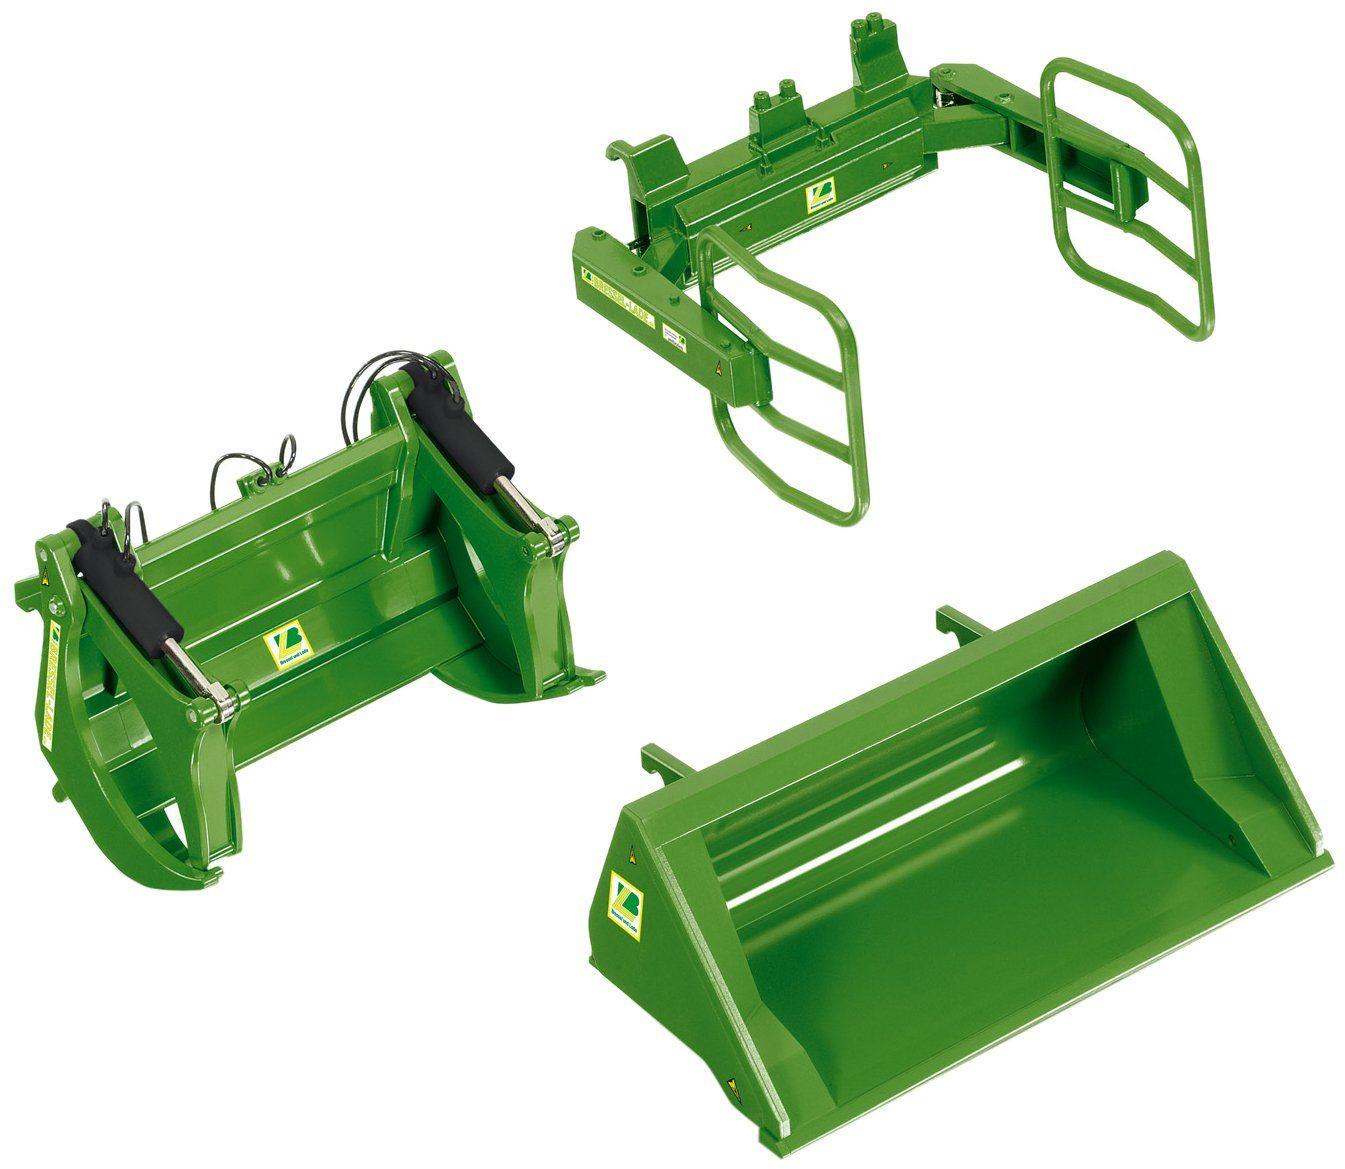 Wiking 7381 - zestaw narzędzi ładowanych od przodu, zielony